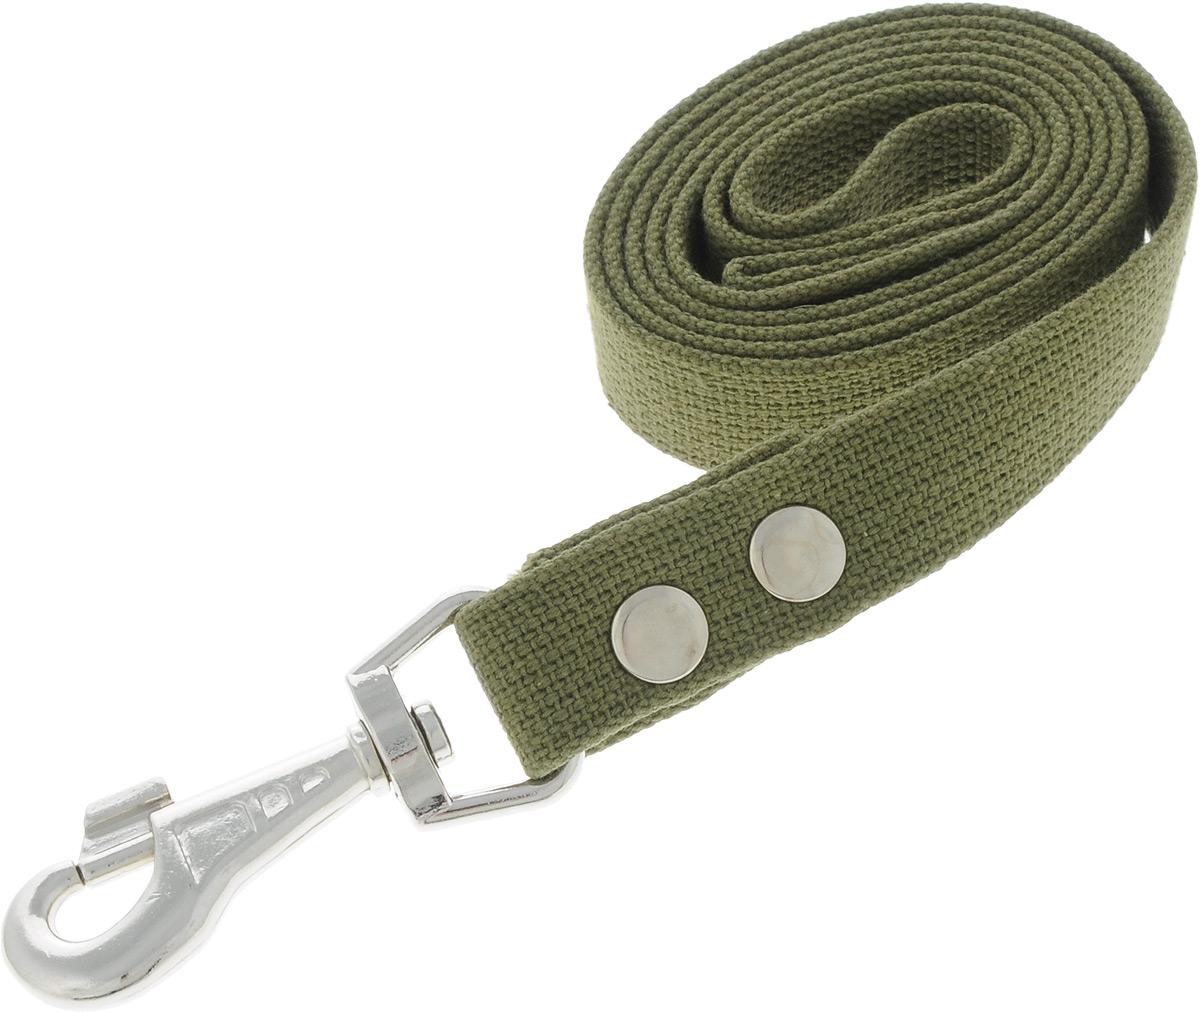 Поводок брезентовый для собак Adel-Dog, ширина 2,5 см, длина 1,5 м990793Поводок для собак Adel-Dog, изготовленный из высококачественной брезентовой ткани, снабжен металлическим карабином. Изделие отличается не только исключительной надежностью и удобством, но и привлекательным дизайном.Поводок - необходимый аксессуар для собаки. Ведь в опасных ситуациях именно он способен спасти жизнь вашему любимому питомцу. Иногда нужно ограничивать свободу своего четвероногого друга, чтобы защитить его или себя от неприятностей на прогулке. Длина поводка: 1,5 м.Ширина поводка: 2,5 см.